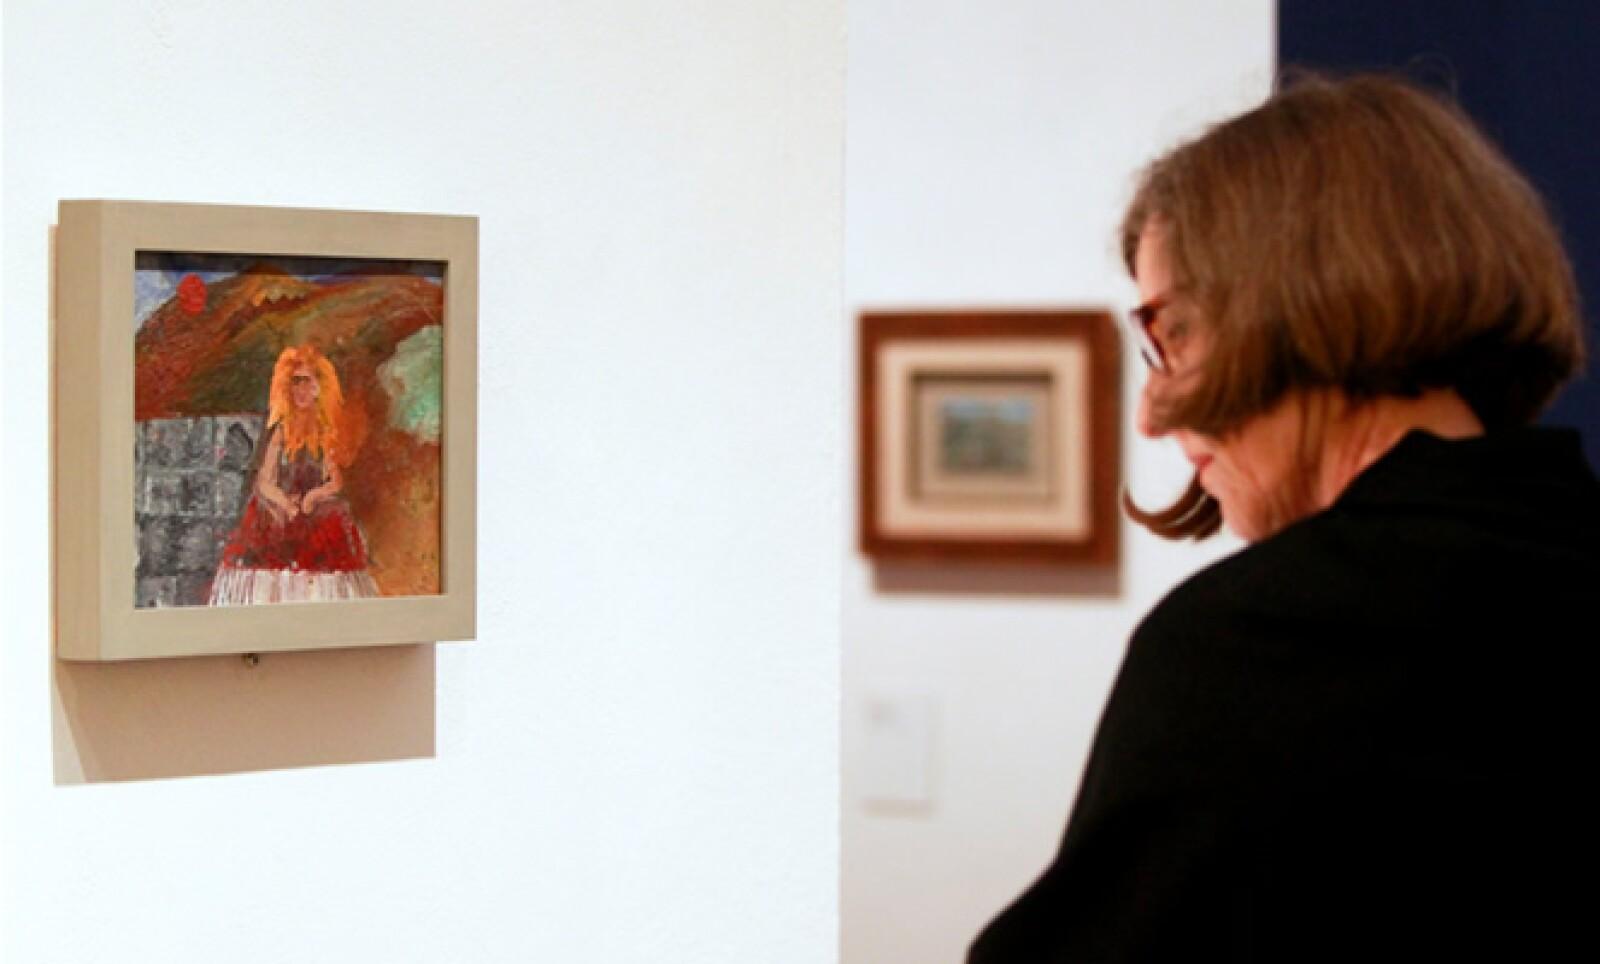 Una nueva retrospectiva de la obra de Frida Kahlo se inauguró en el museo Martin-Gropius-Bau en Berlín.